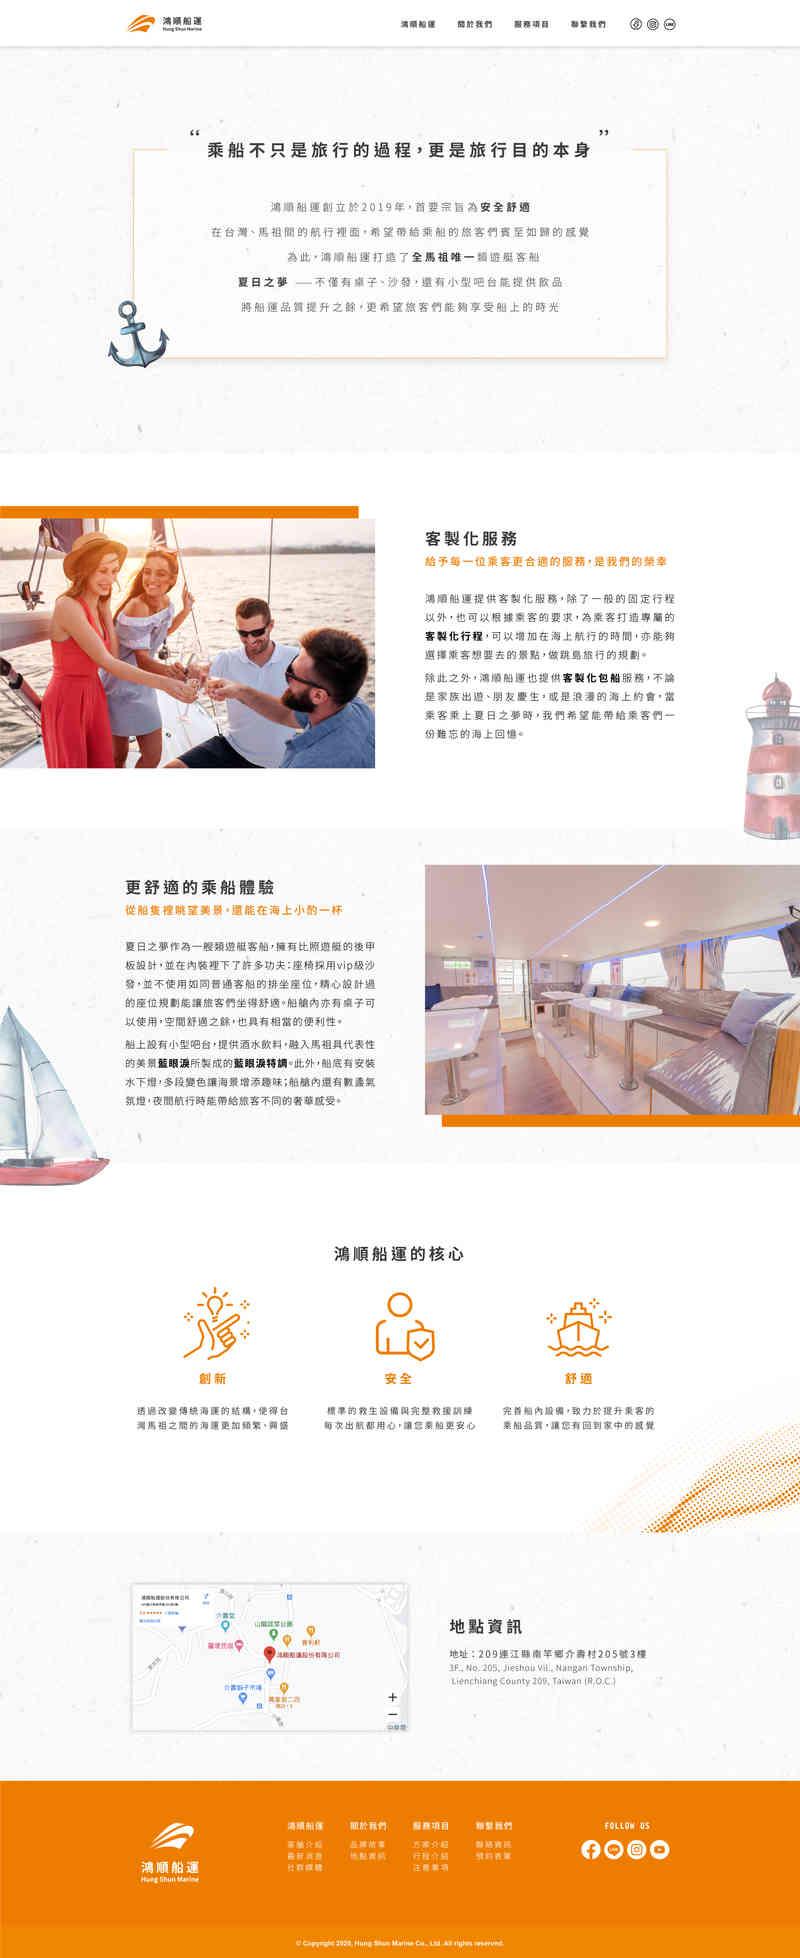 鴻順網頁-關於我們v3.jpg